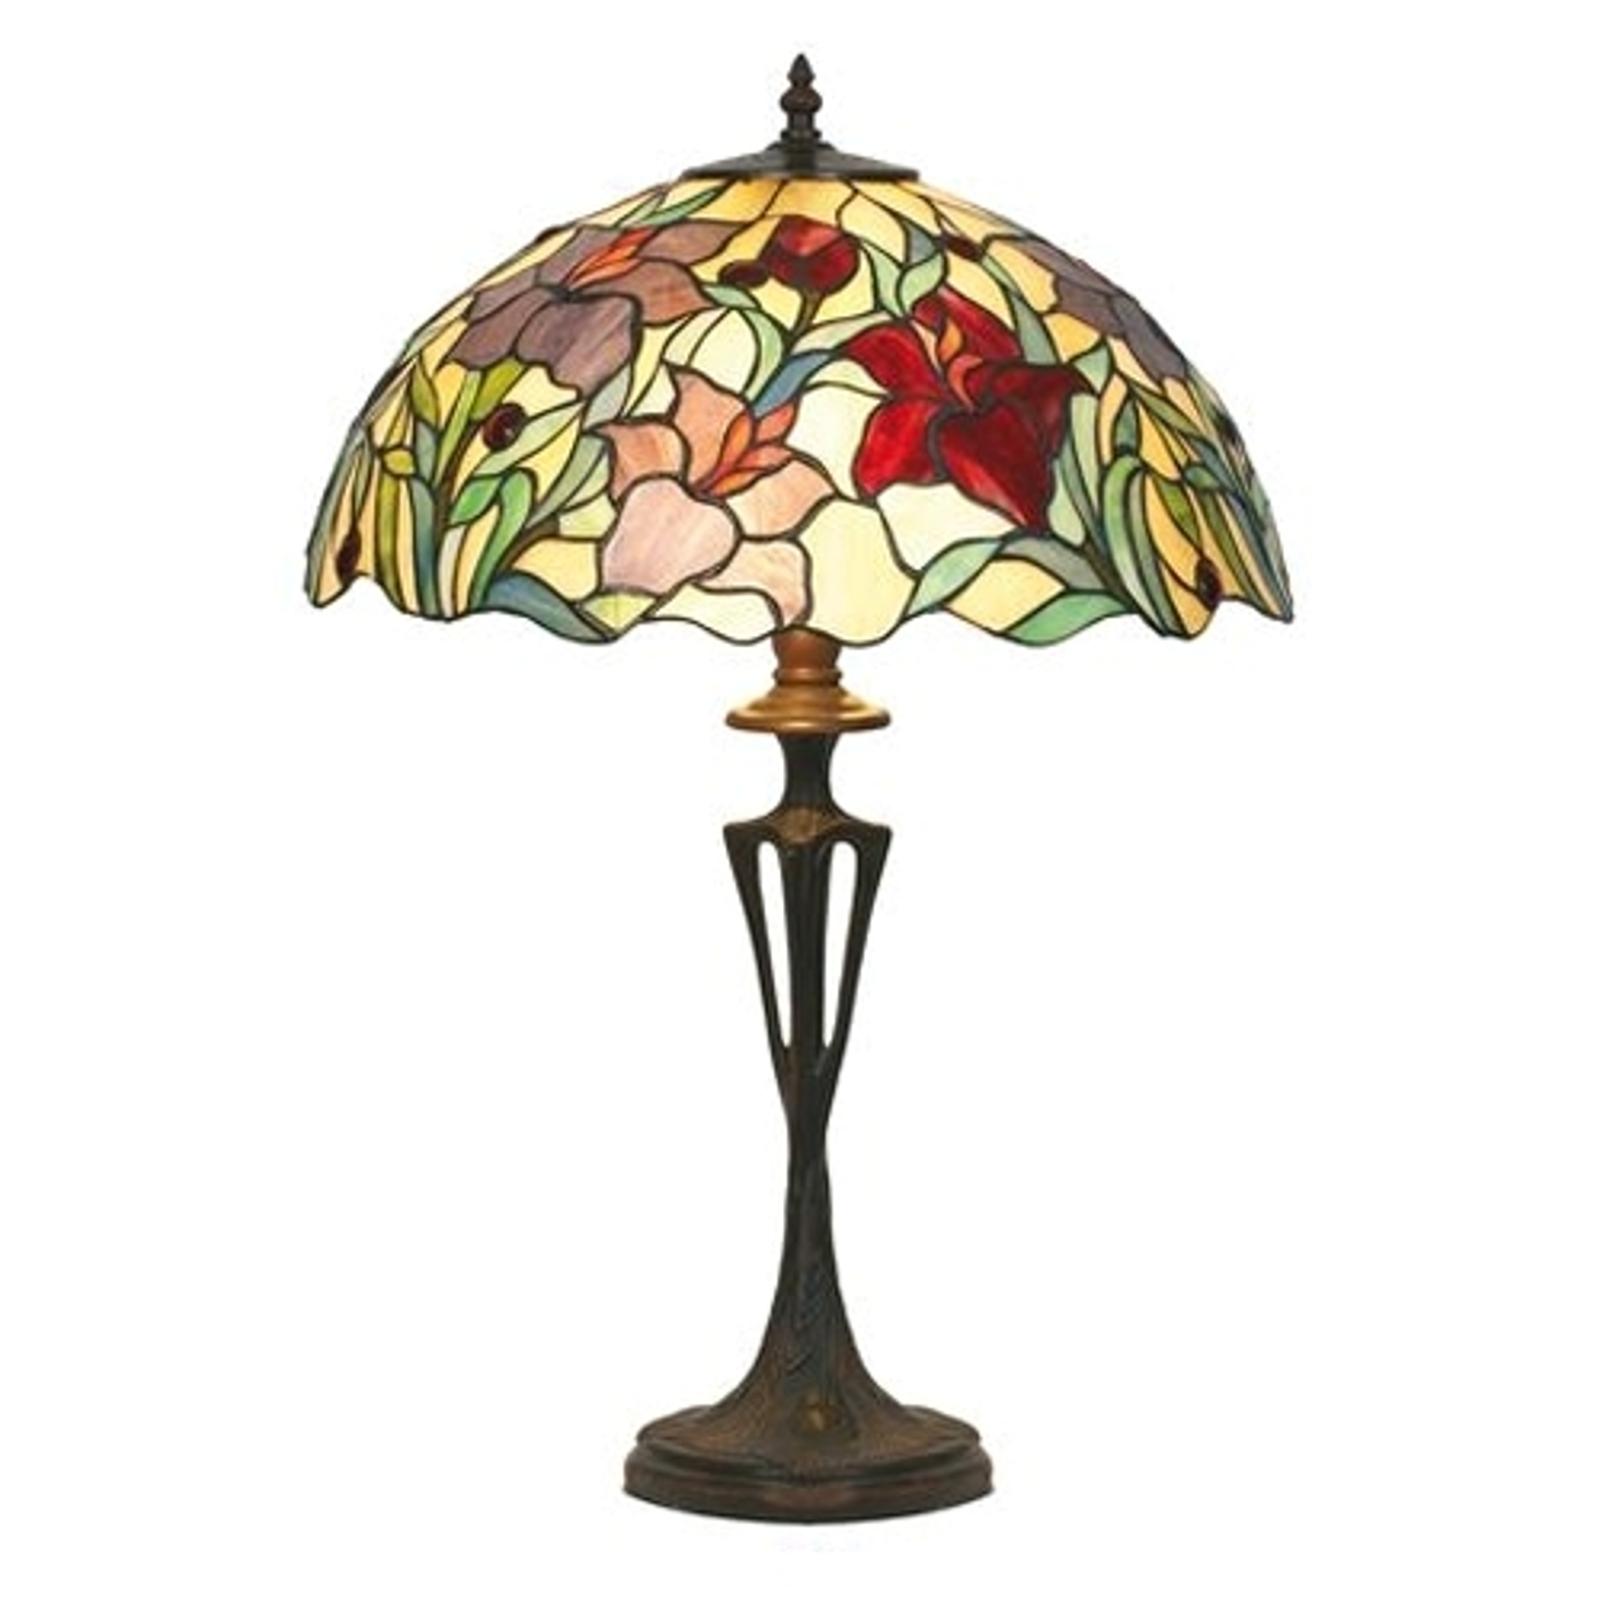 Lampa stołowa ATHINA w stylu Tiffany